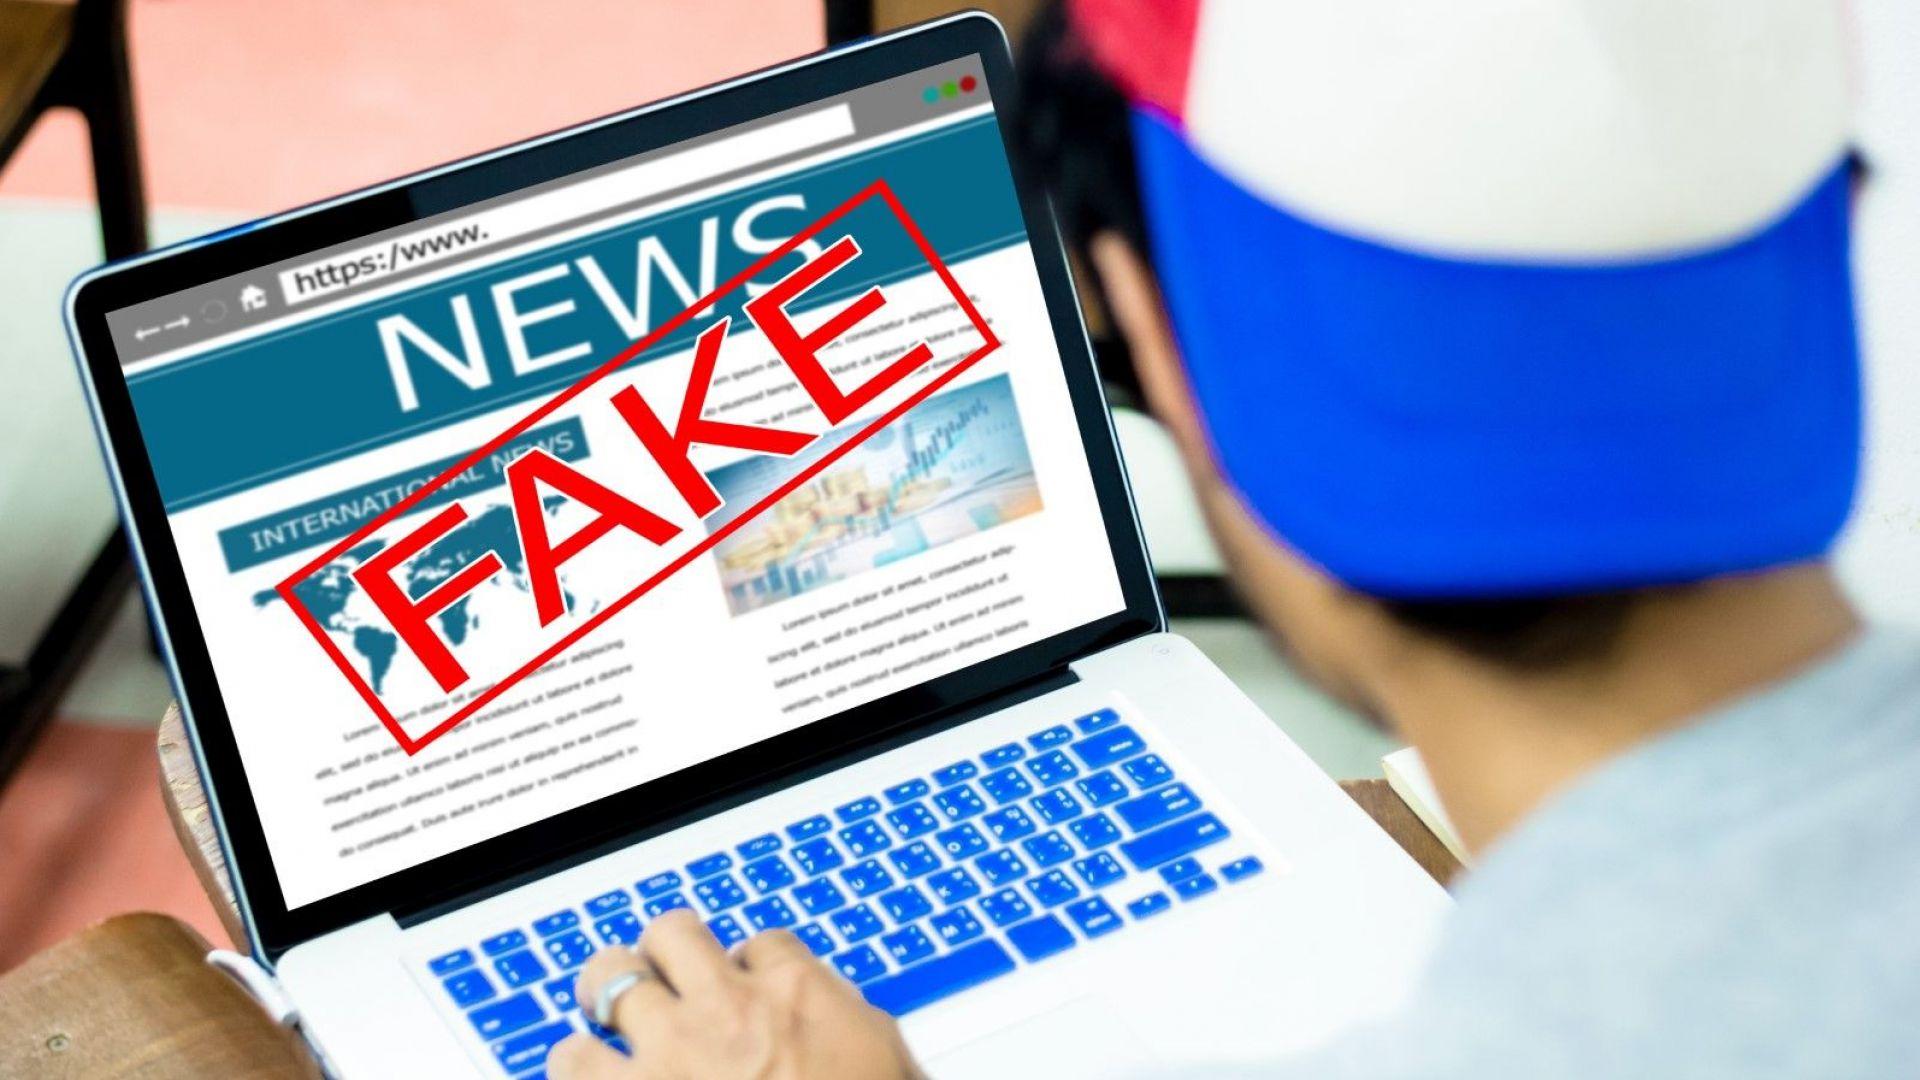 ВМРО: Държавата да спира сайтове, които пускат фалшиви новини